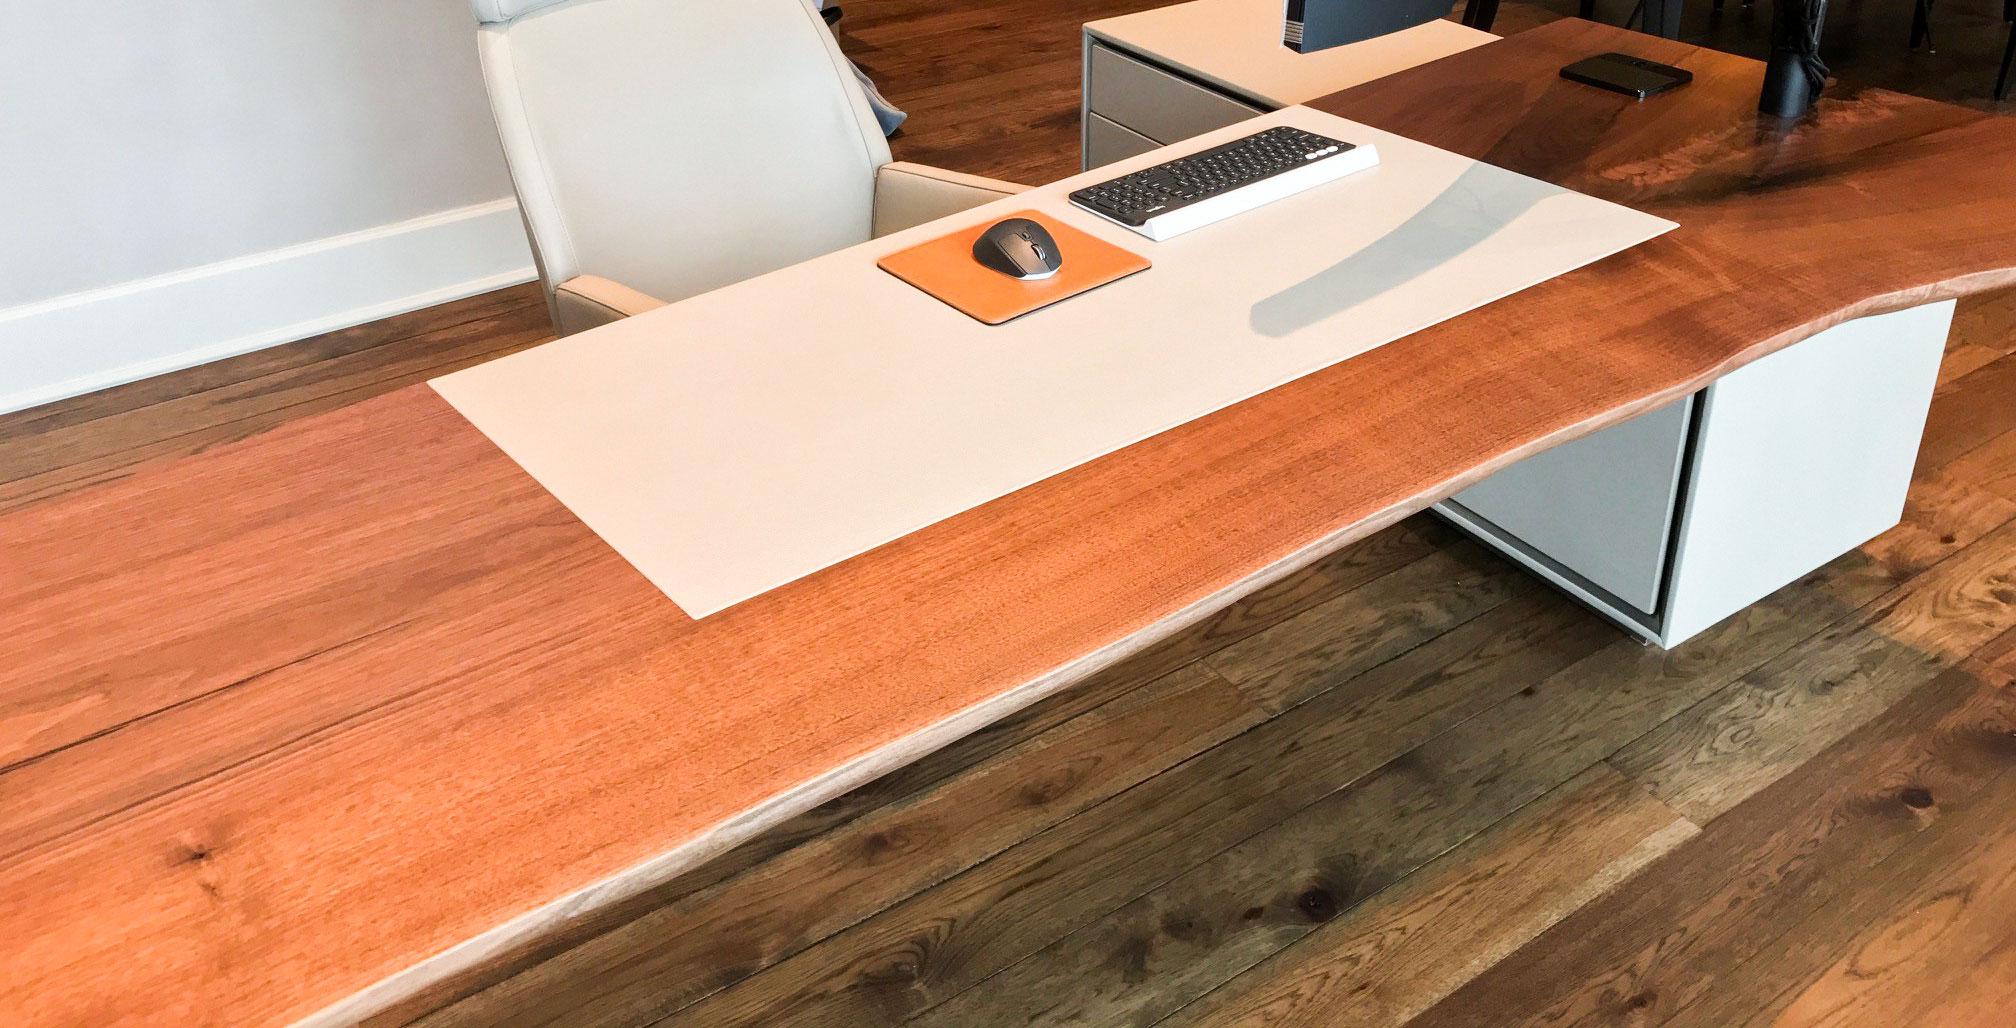 tuck-studio-desk-3.jpg